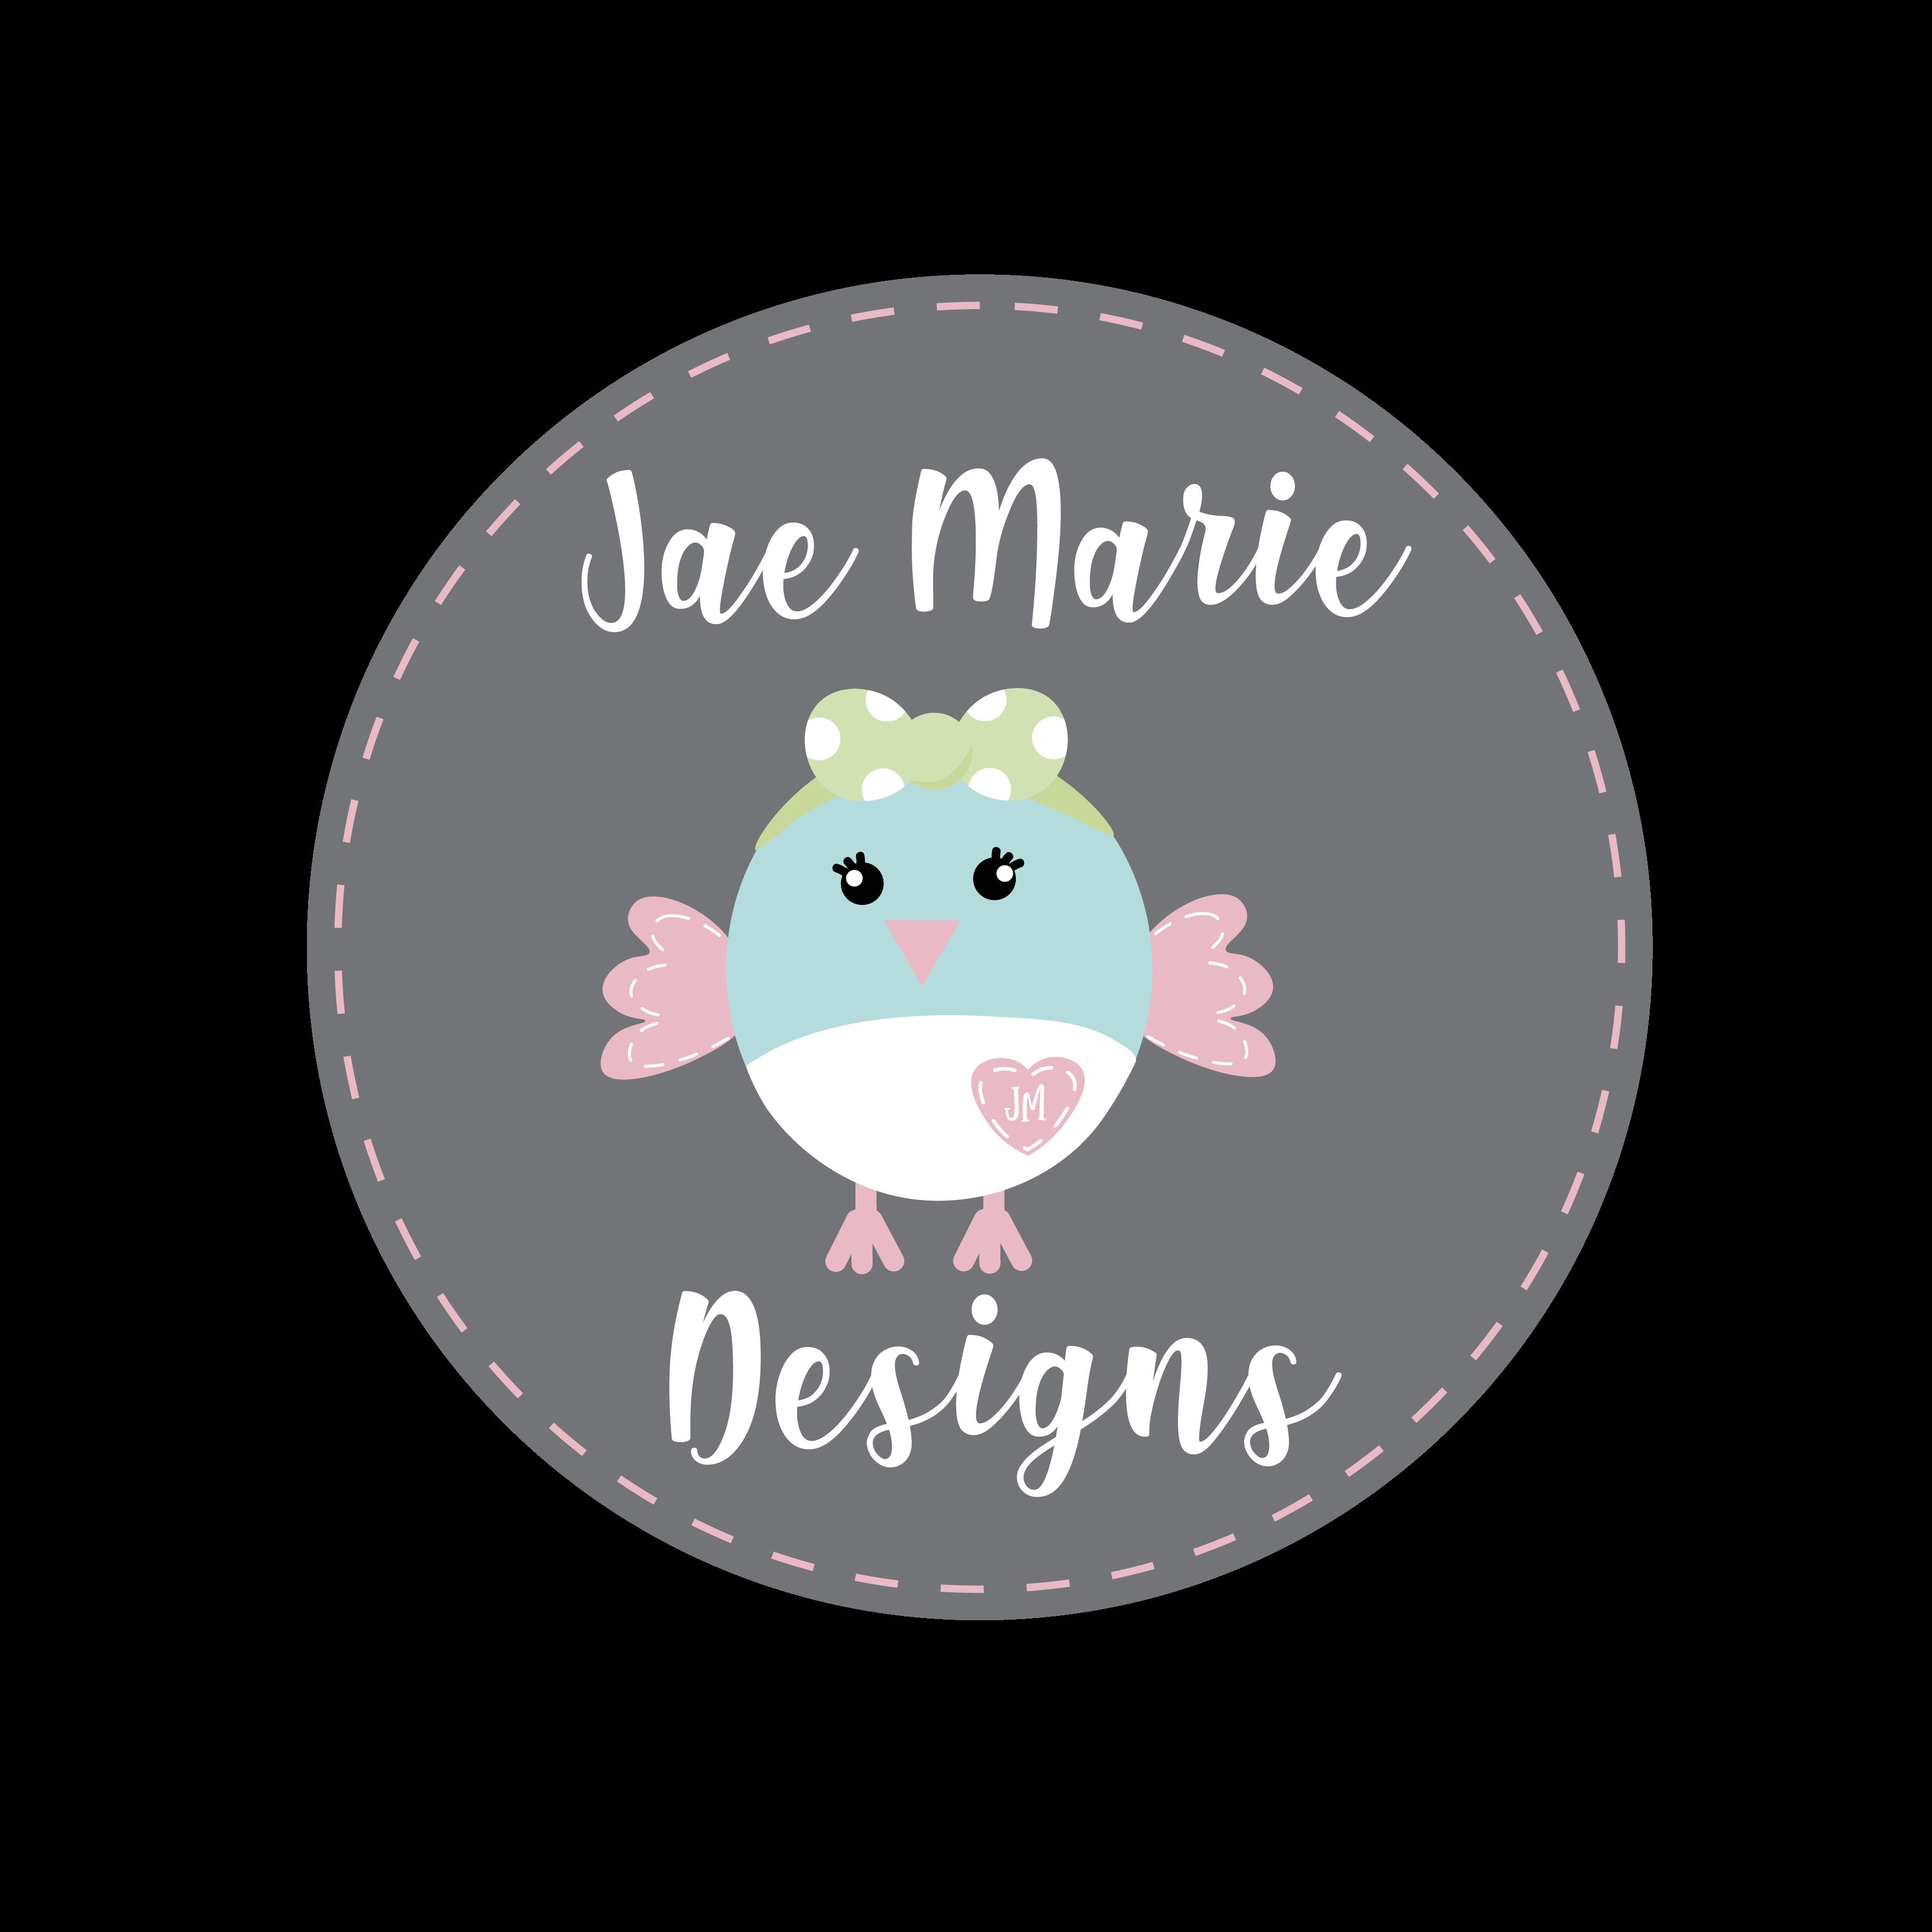 Jaemariedesigns